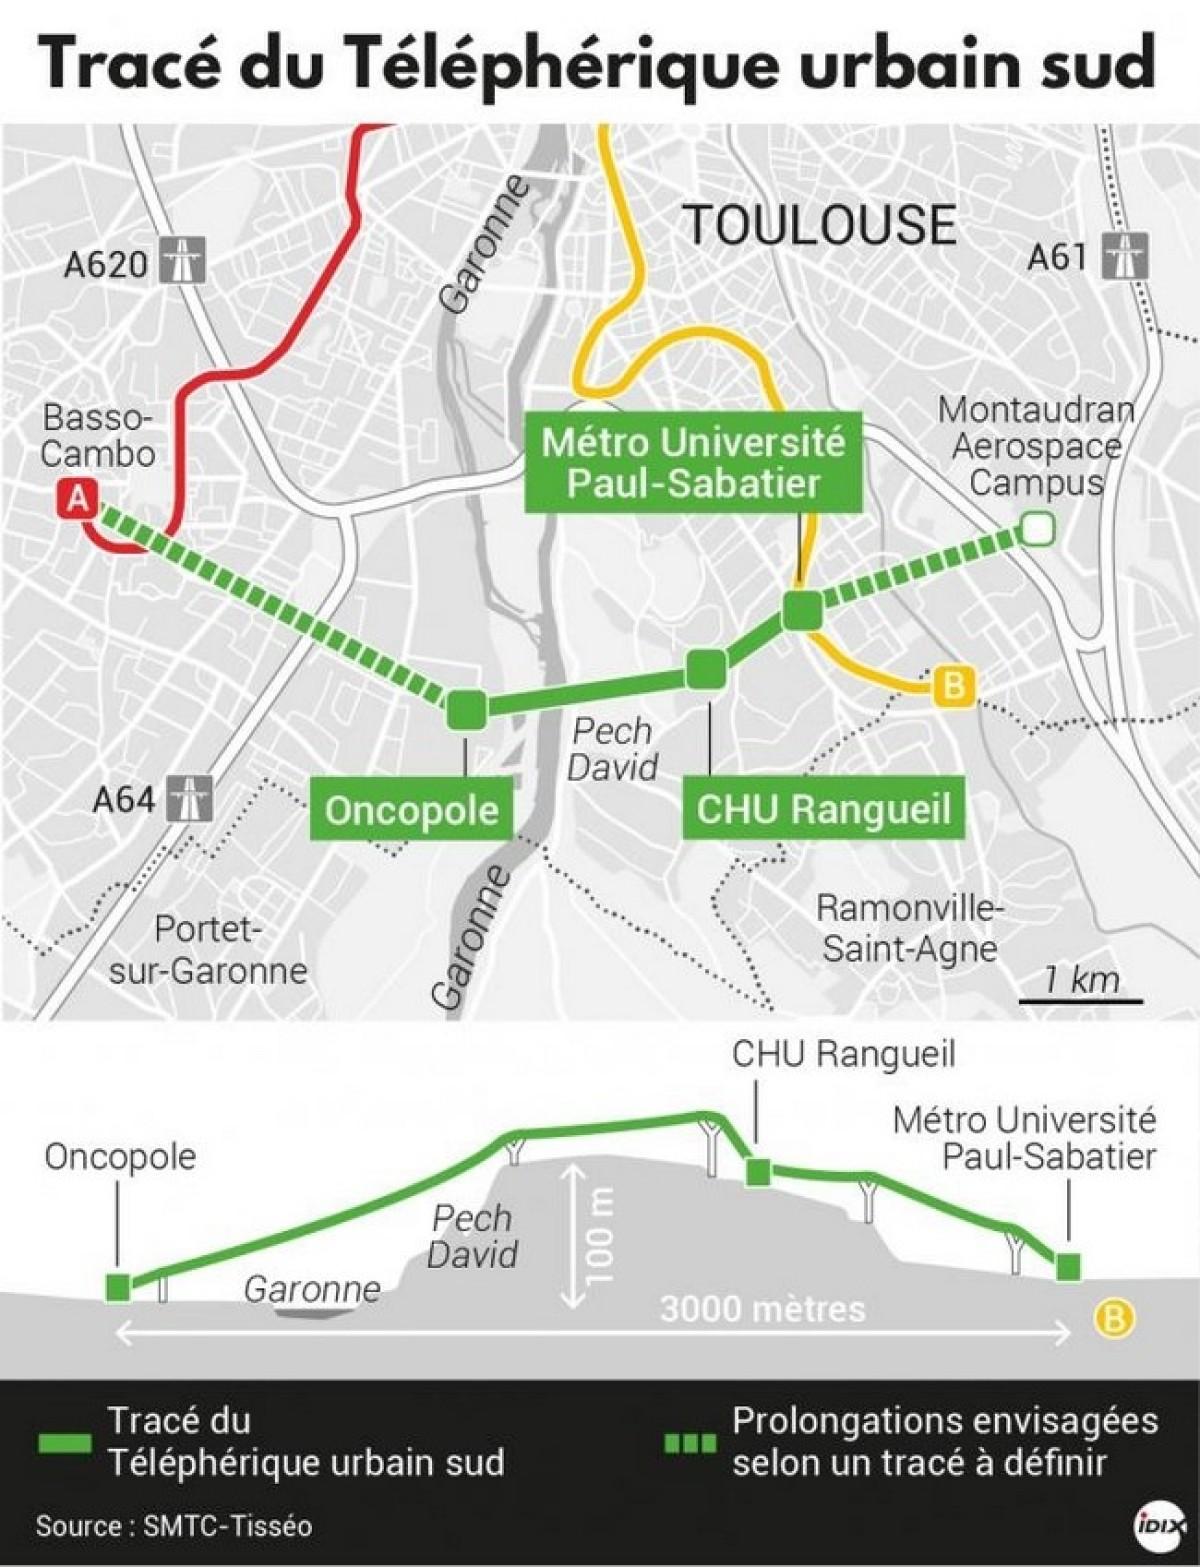 Téléphérique urbain Toulouse - Tracé du téléphérique urbain de Toulouse